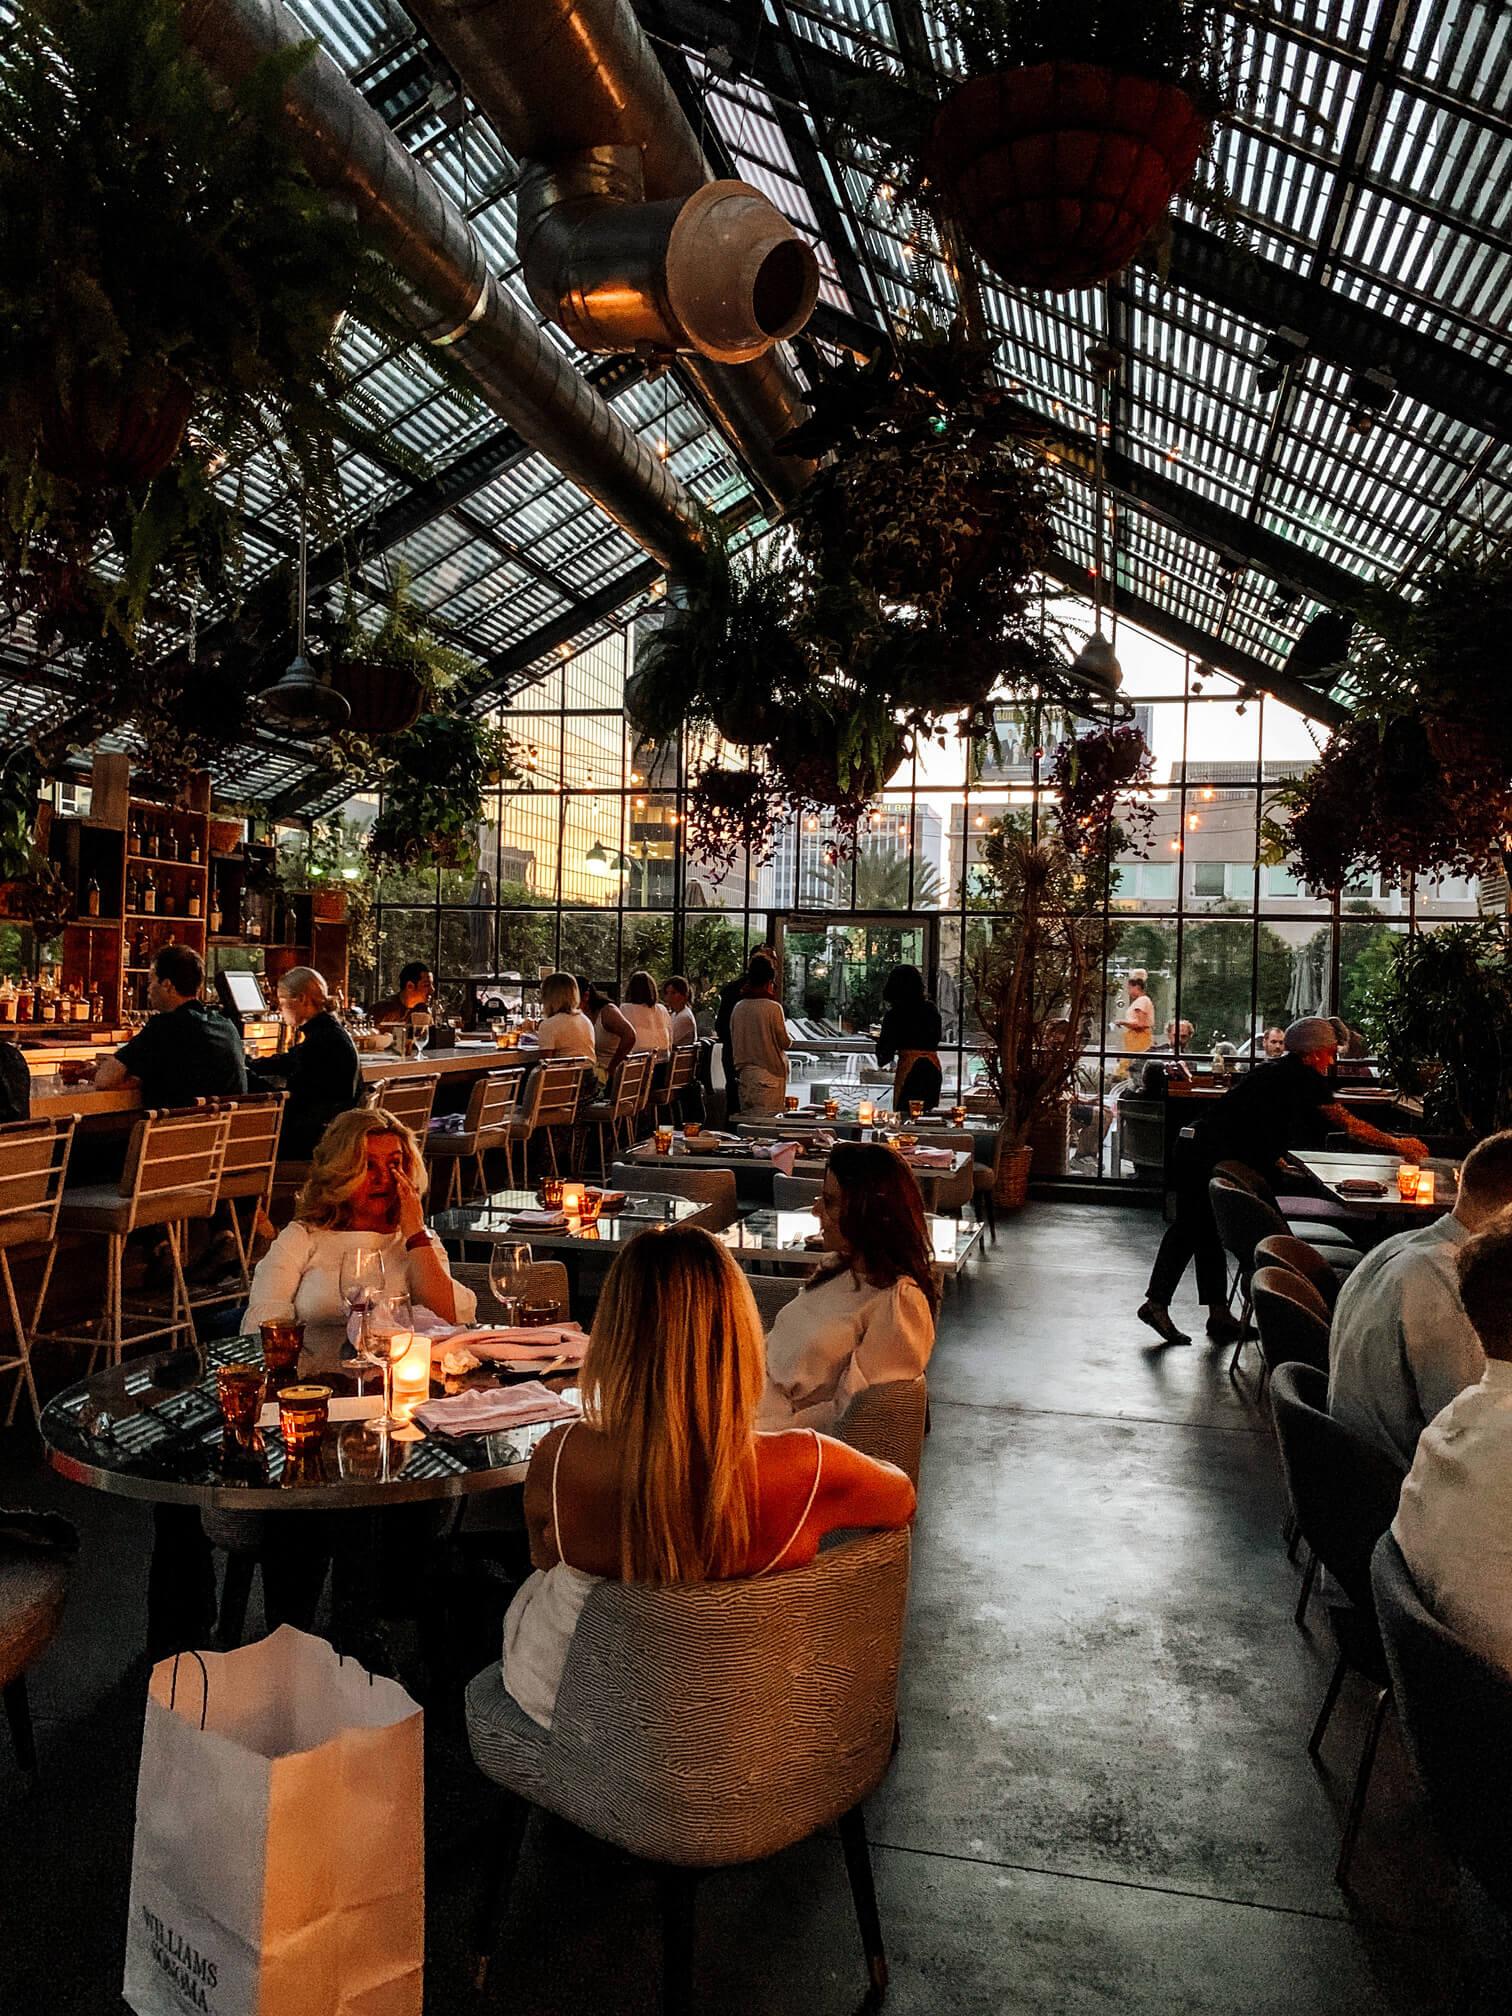 Vivre aux Etats-Unis - Restaurant et Hotel Openaire à Los Angeles